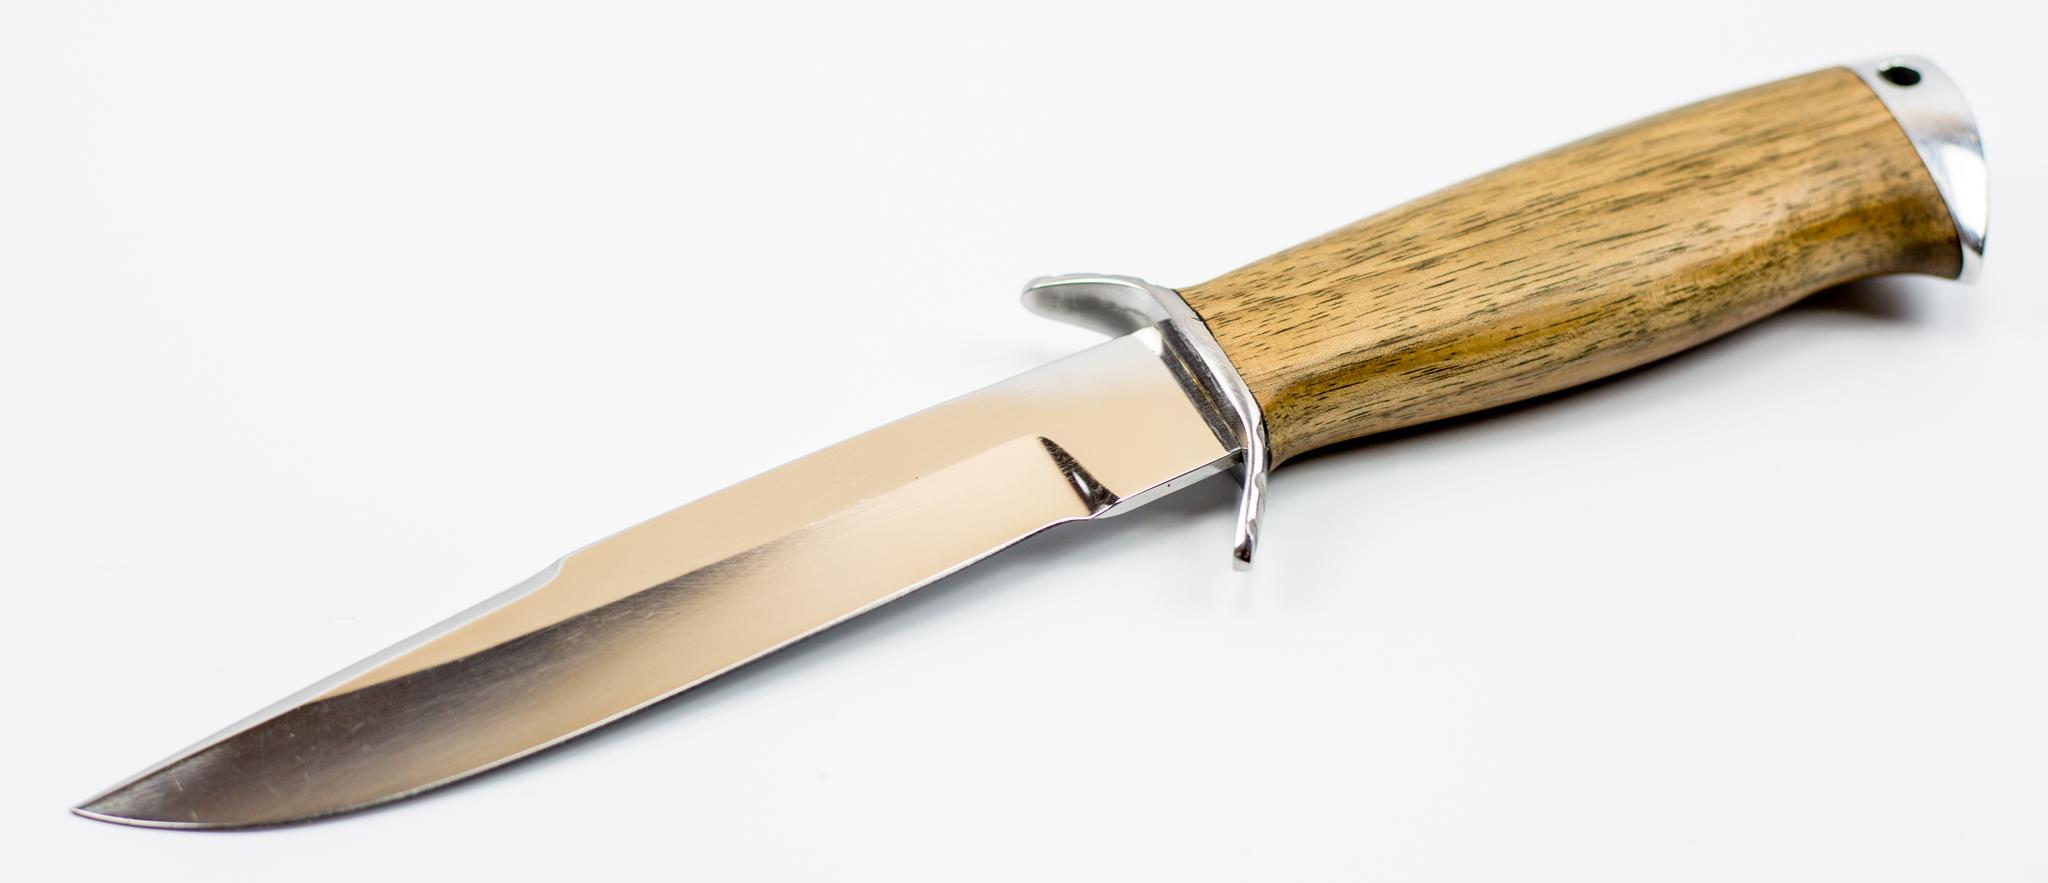 Фото 8 - Нож Смерч-2, 65Х13 от Павловские ножи